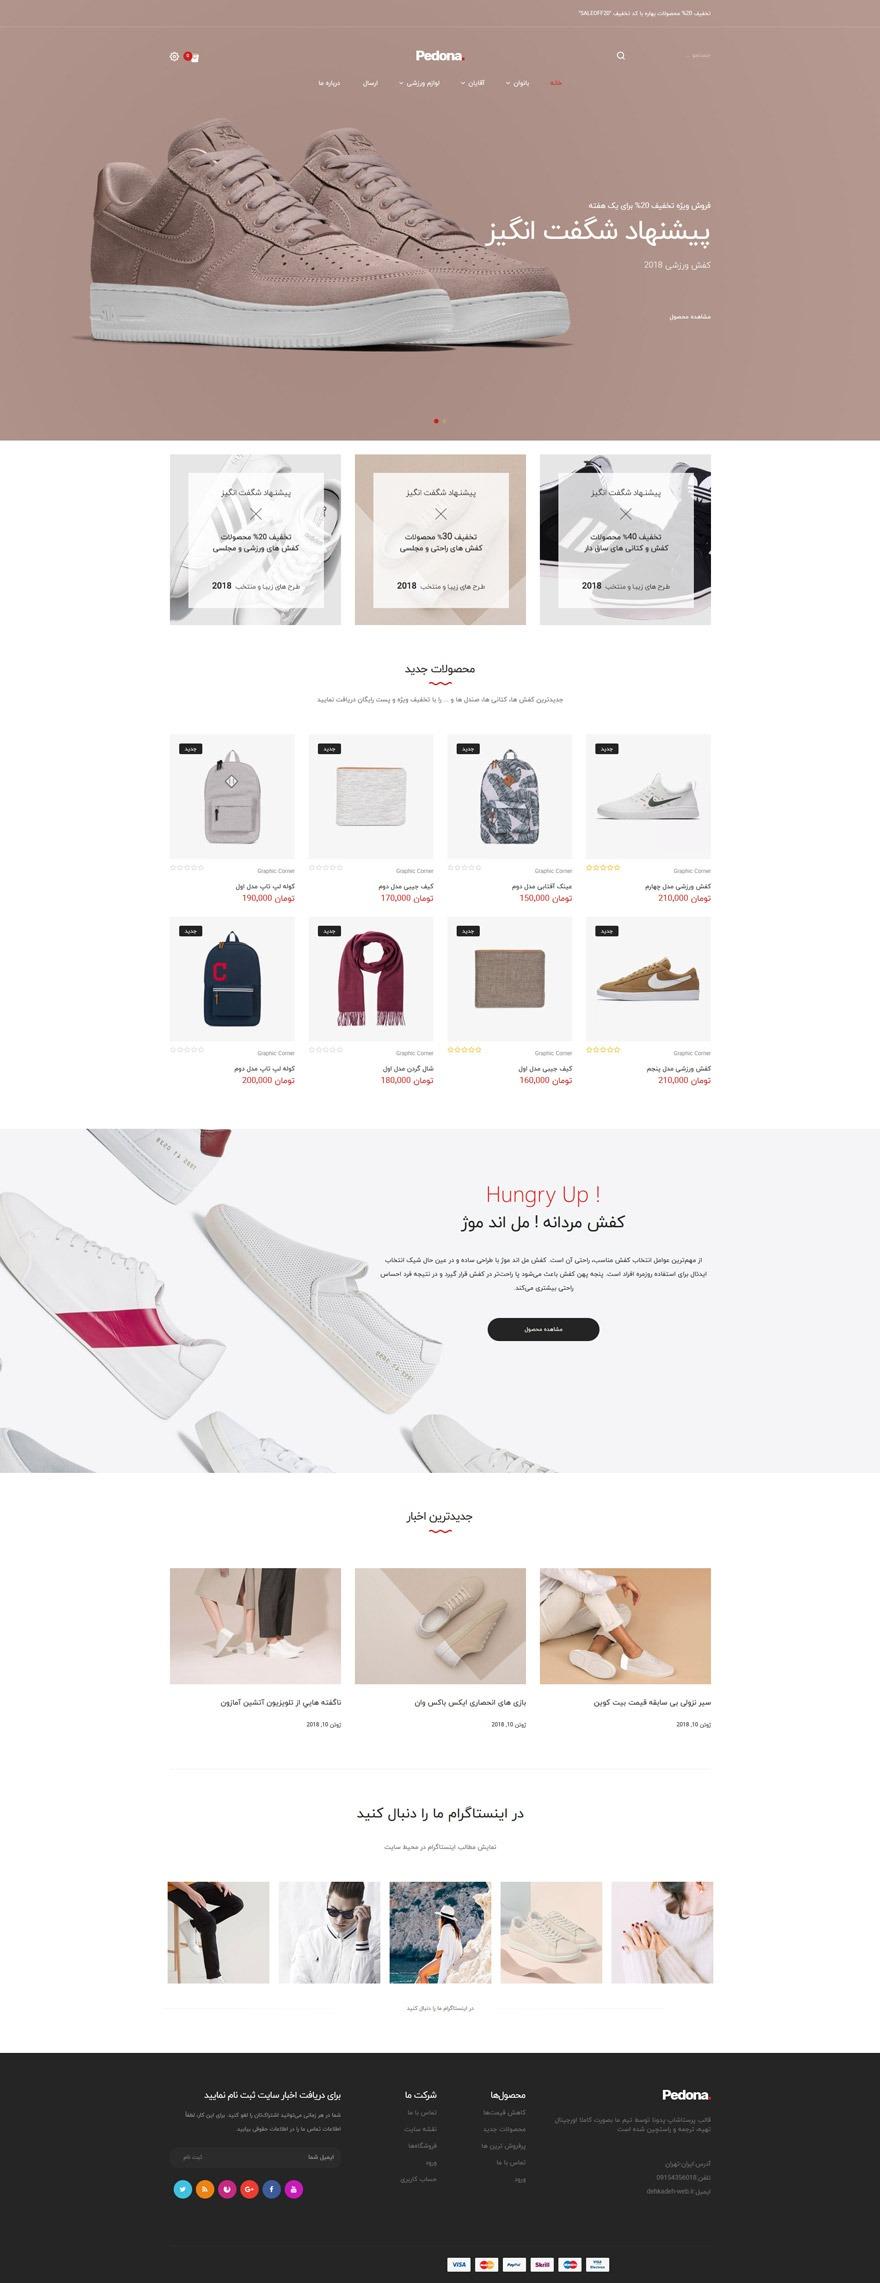 طراحی سایت با پرستاشاپ